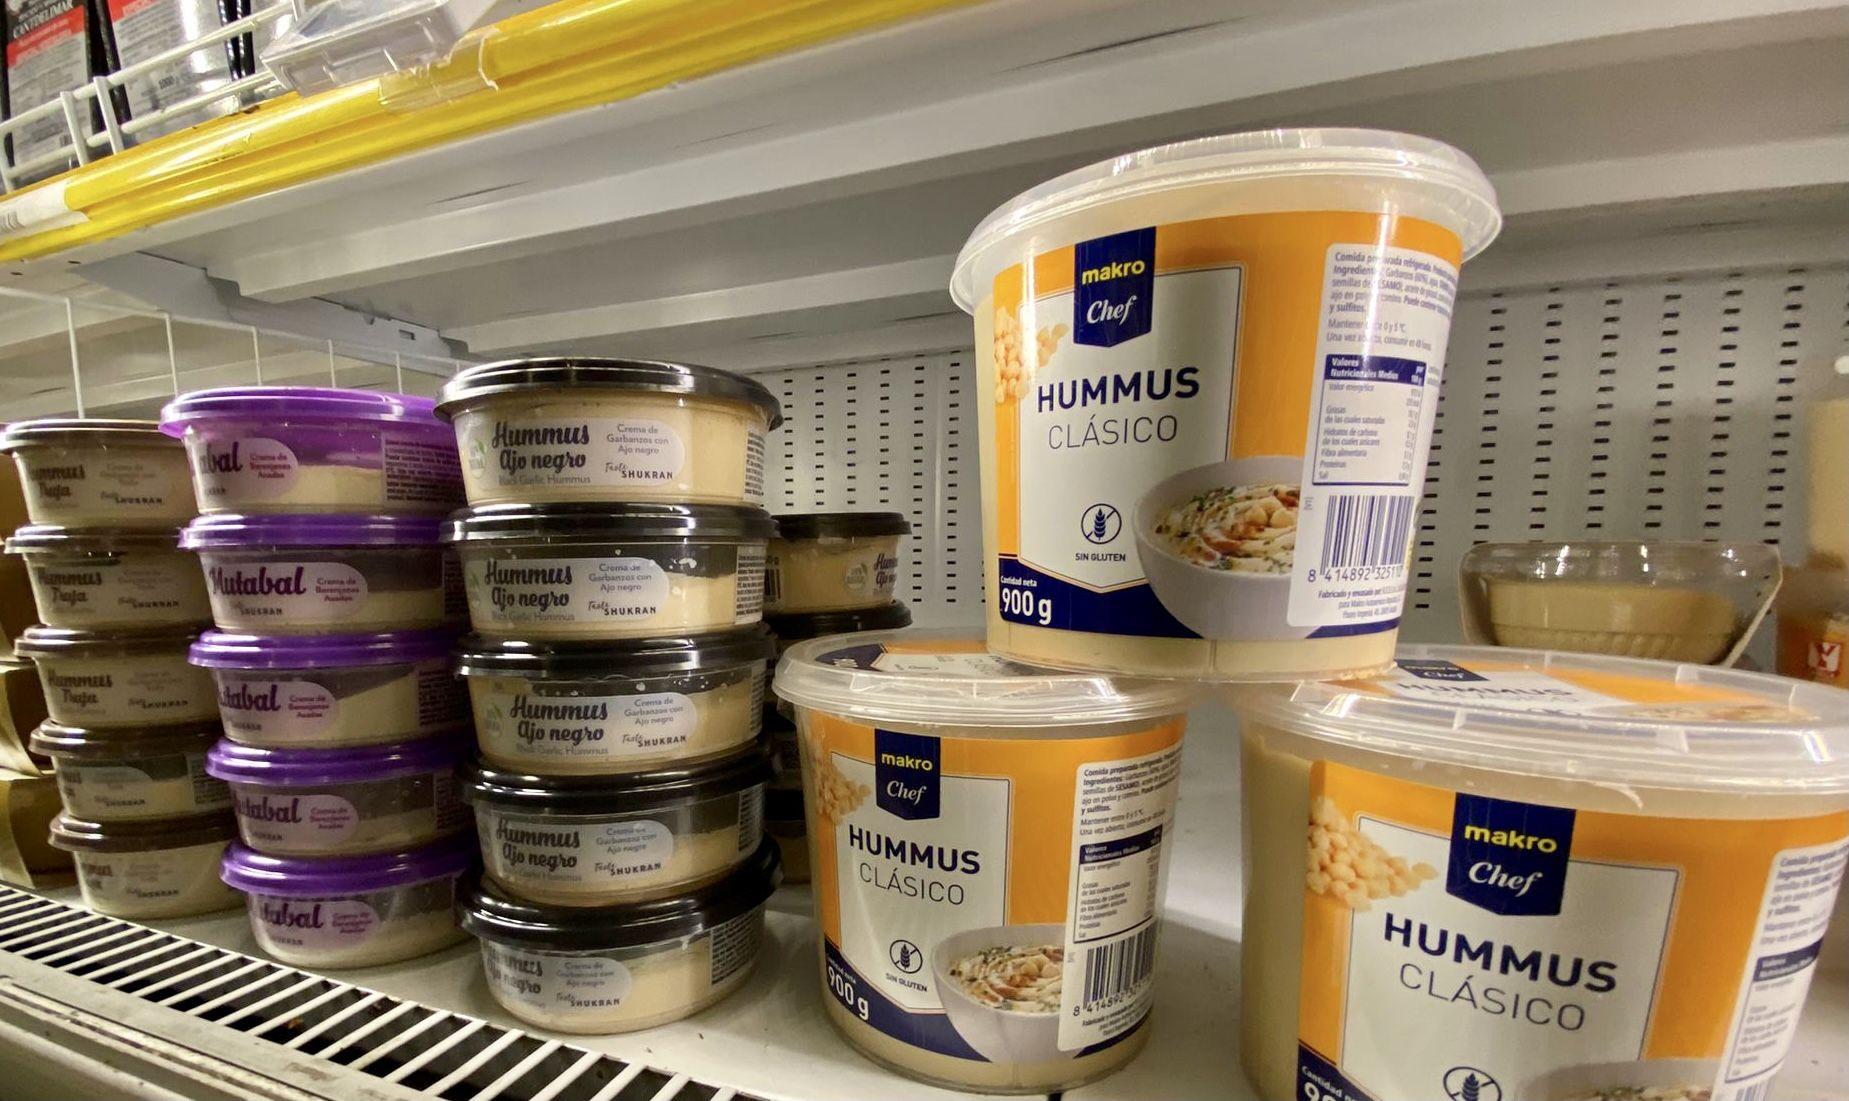 Los hummus de Taste Shukran ya están disponibles en Makro